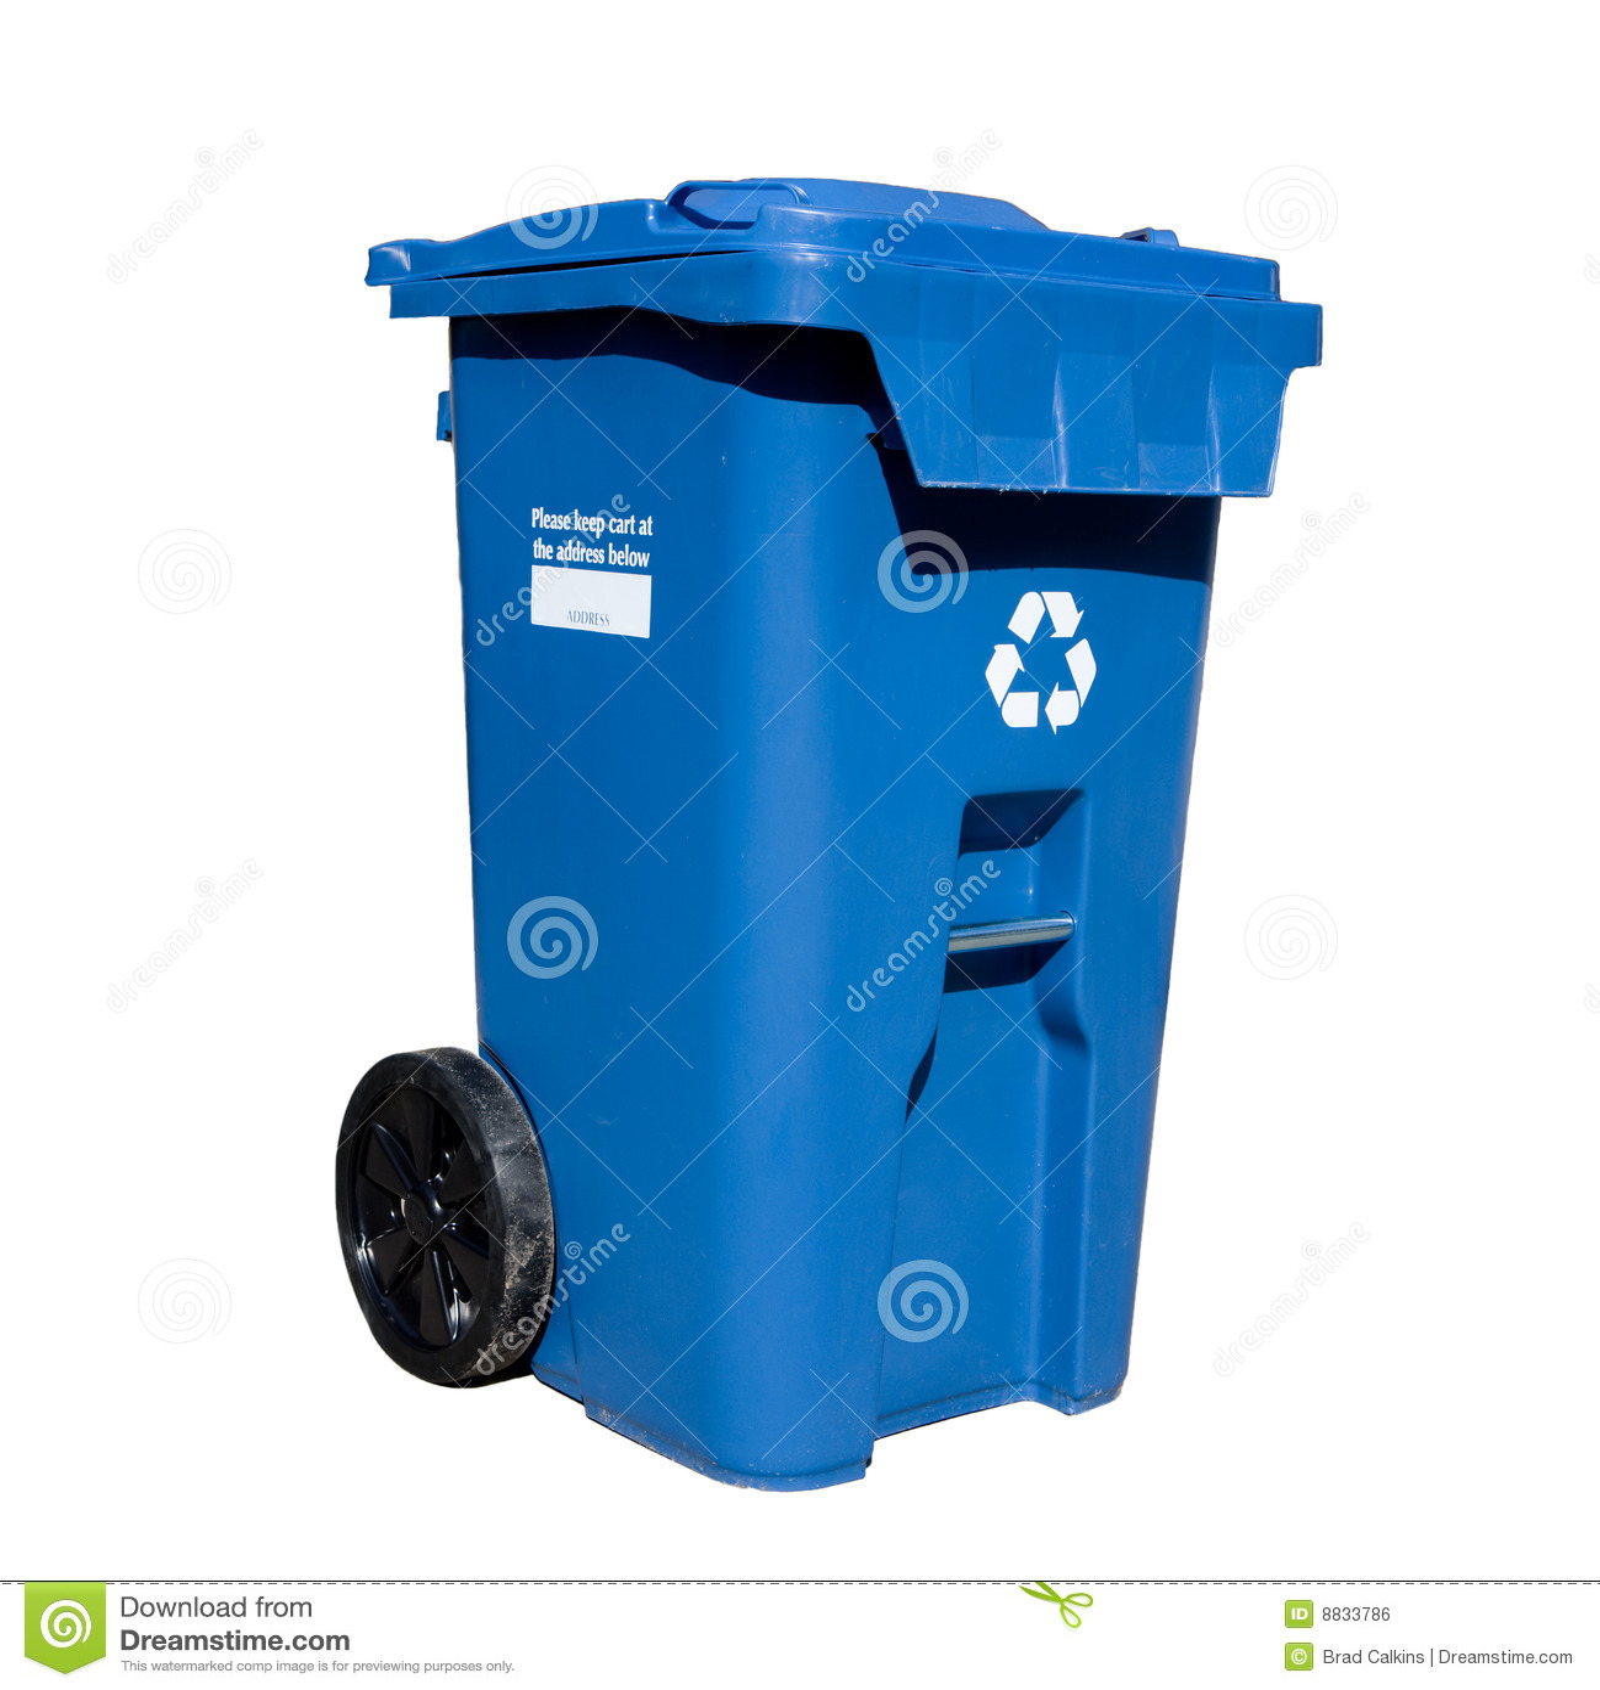 Curbside Recycle bin